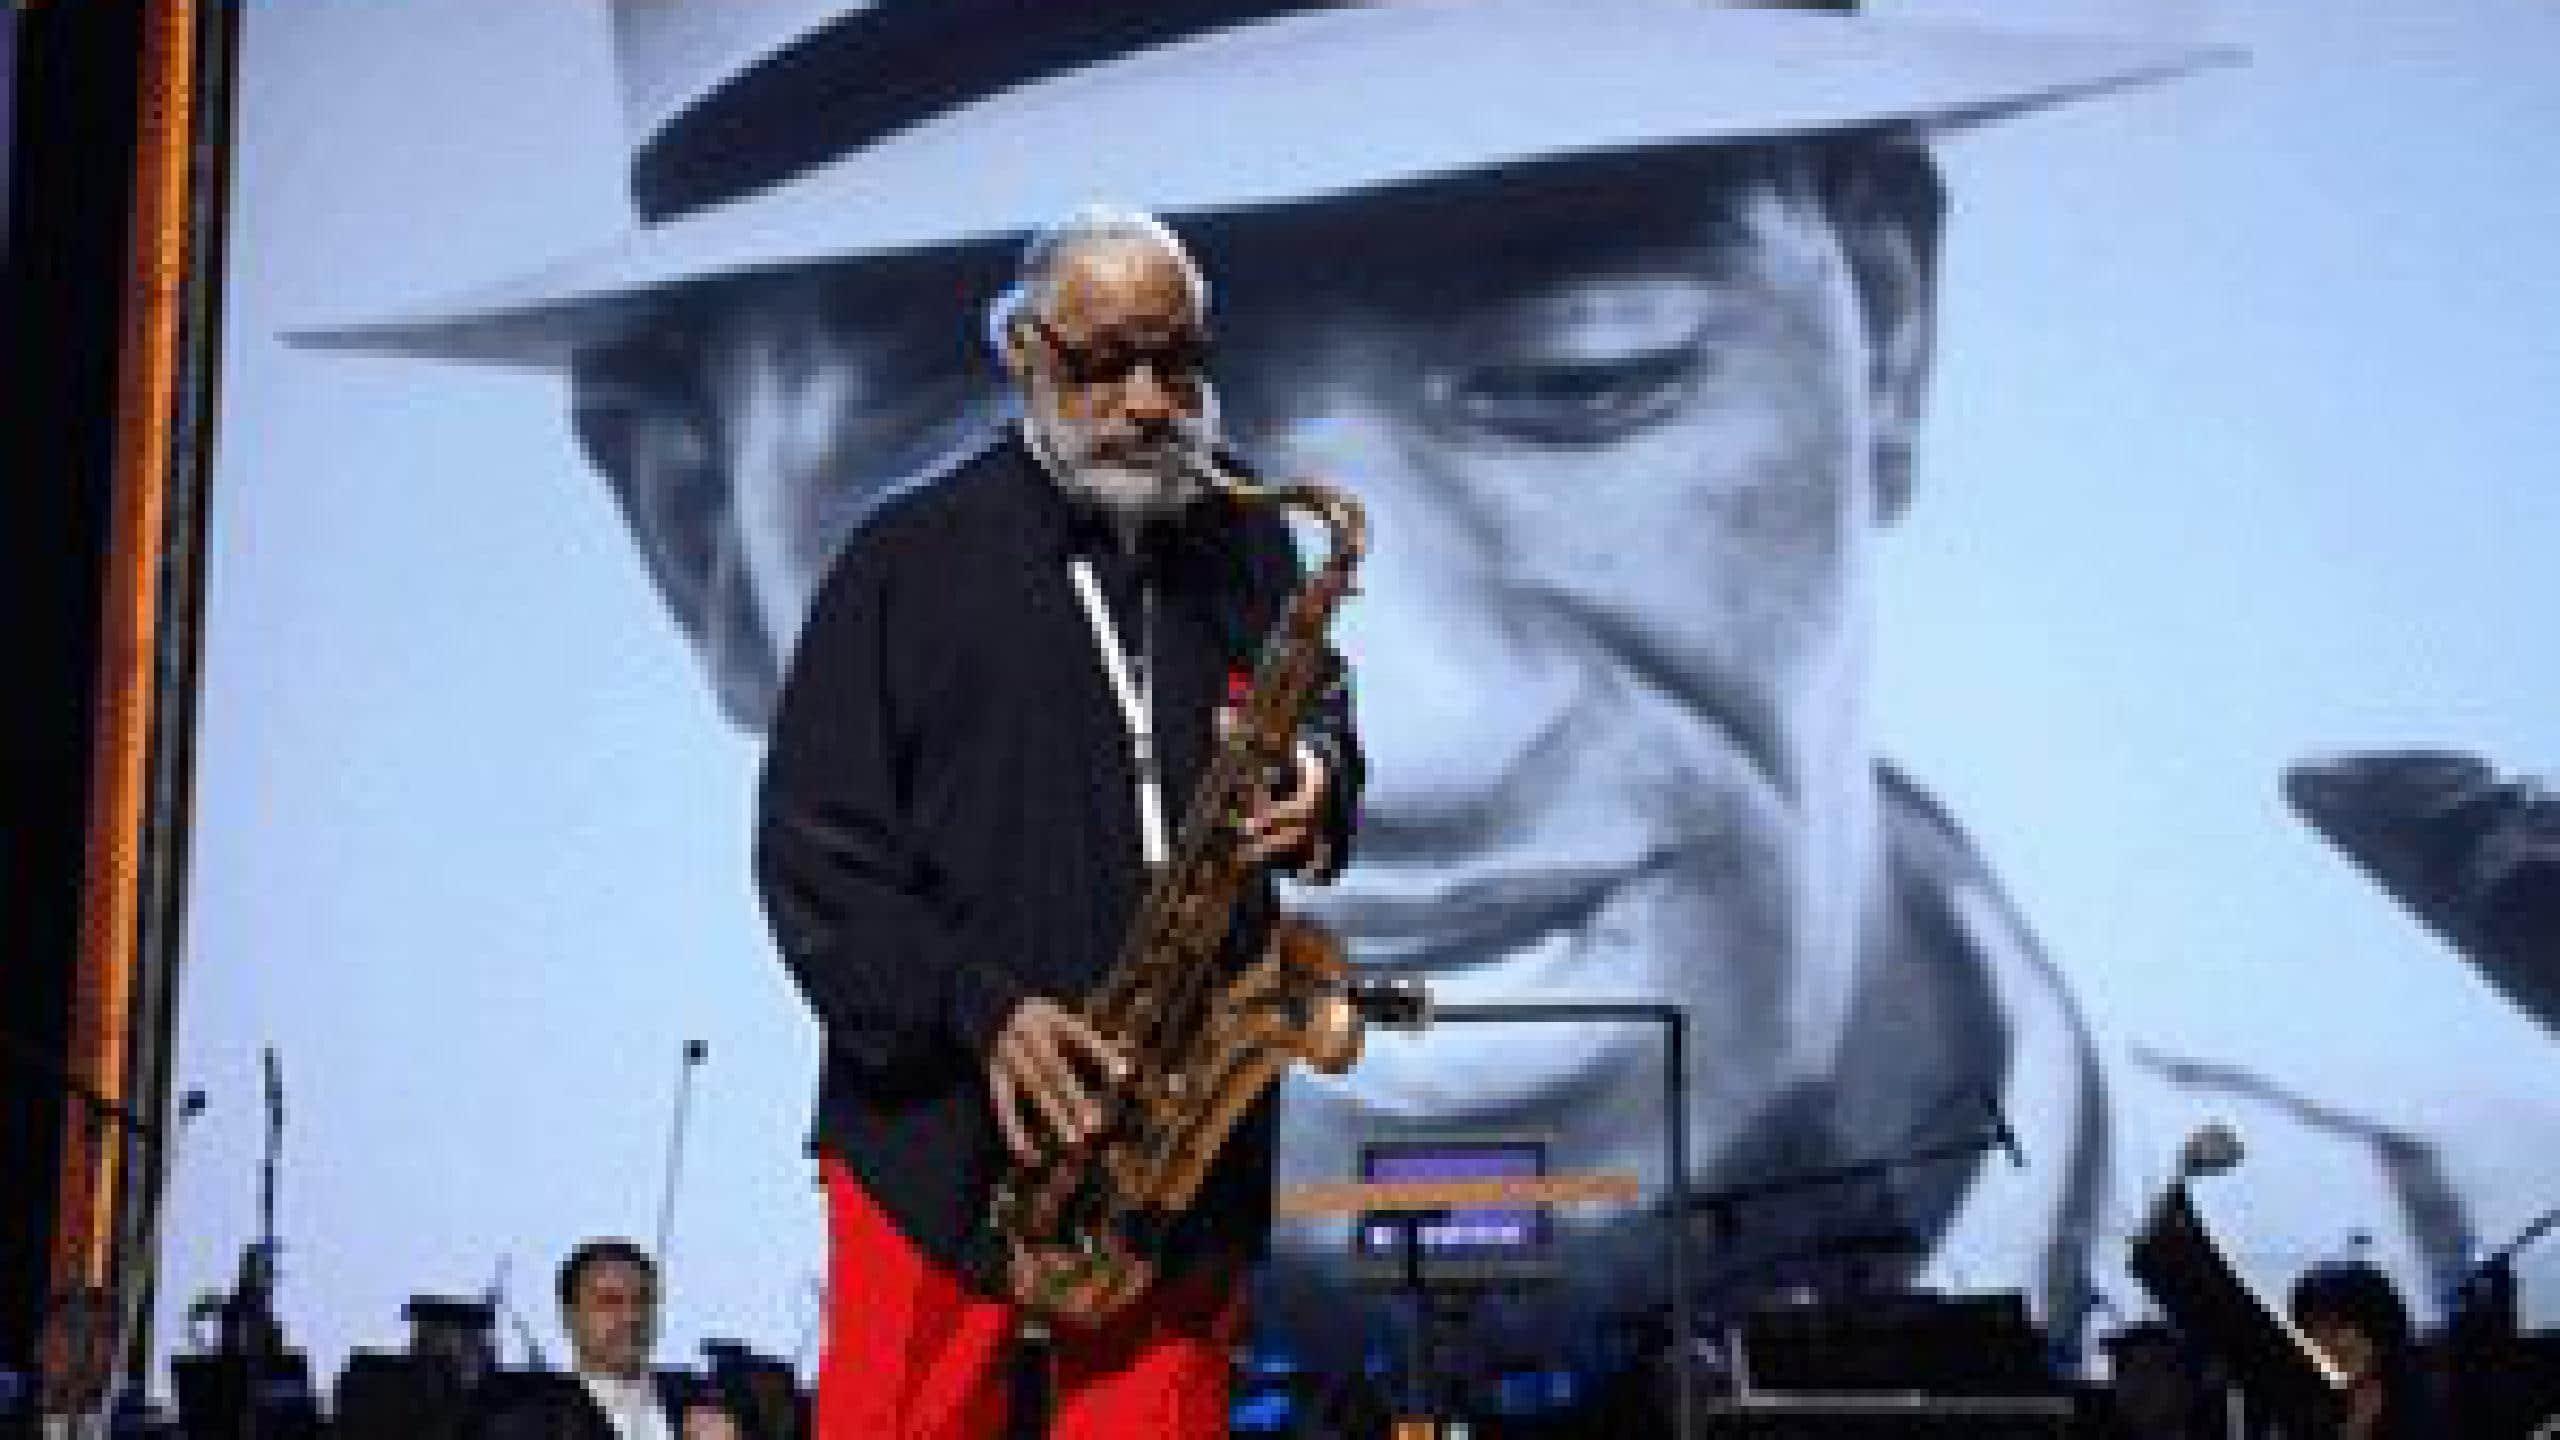 EFEMERIDE MUSICAL - Sonny Rollins